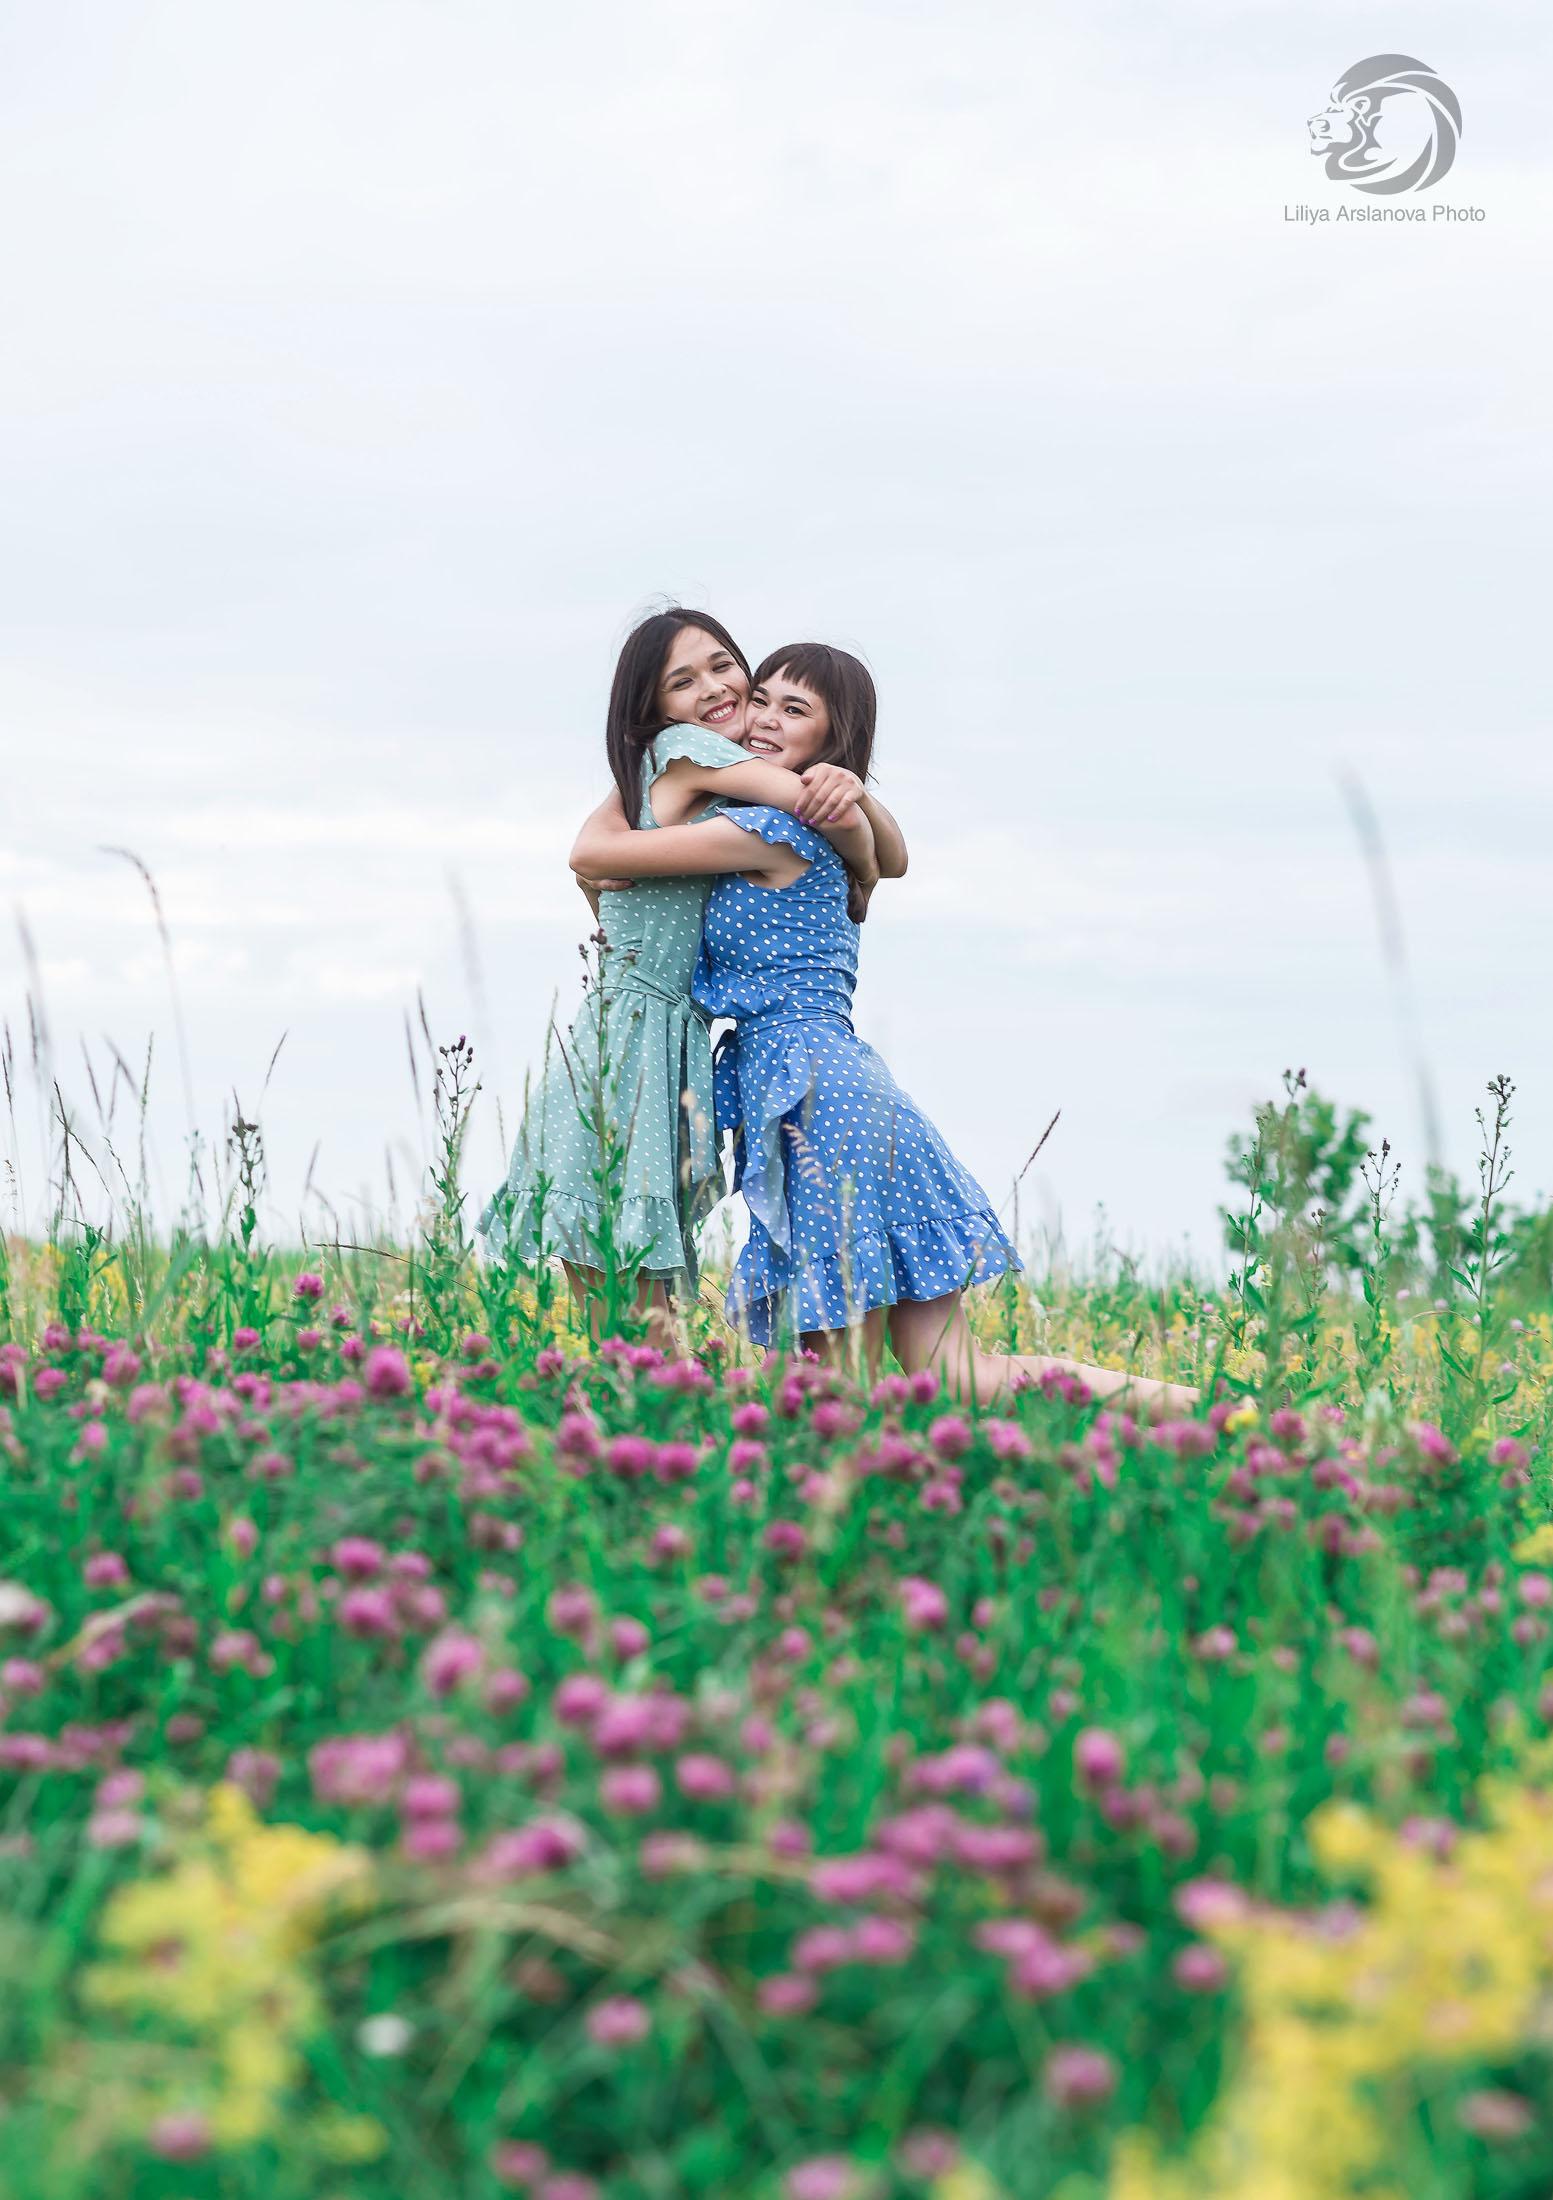 фотосессия сестер +на природе, фотосессия двух сестер, фотограф Стерлитамак Лилия Арсланова, sisters, sisters photo, фотограф сестер, девушки стерлитамак Лилия Арсланова родные объятия